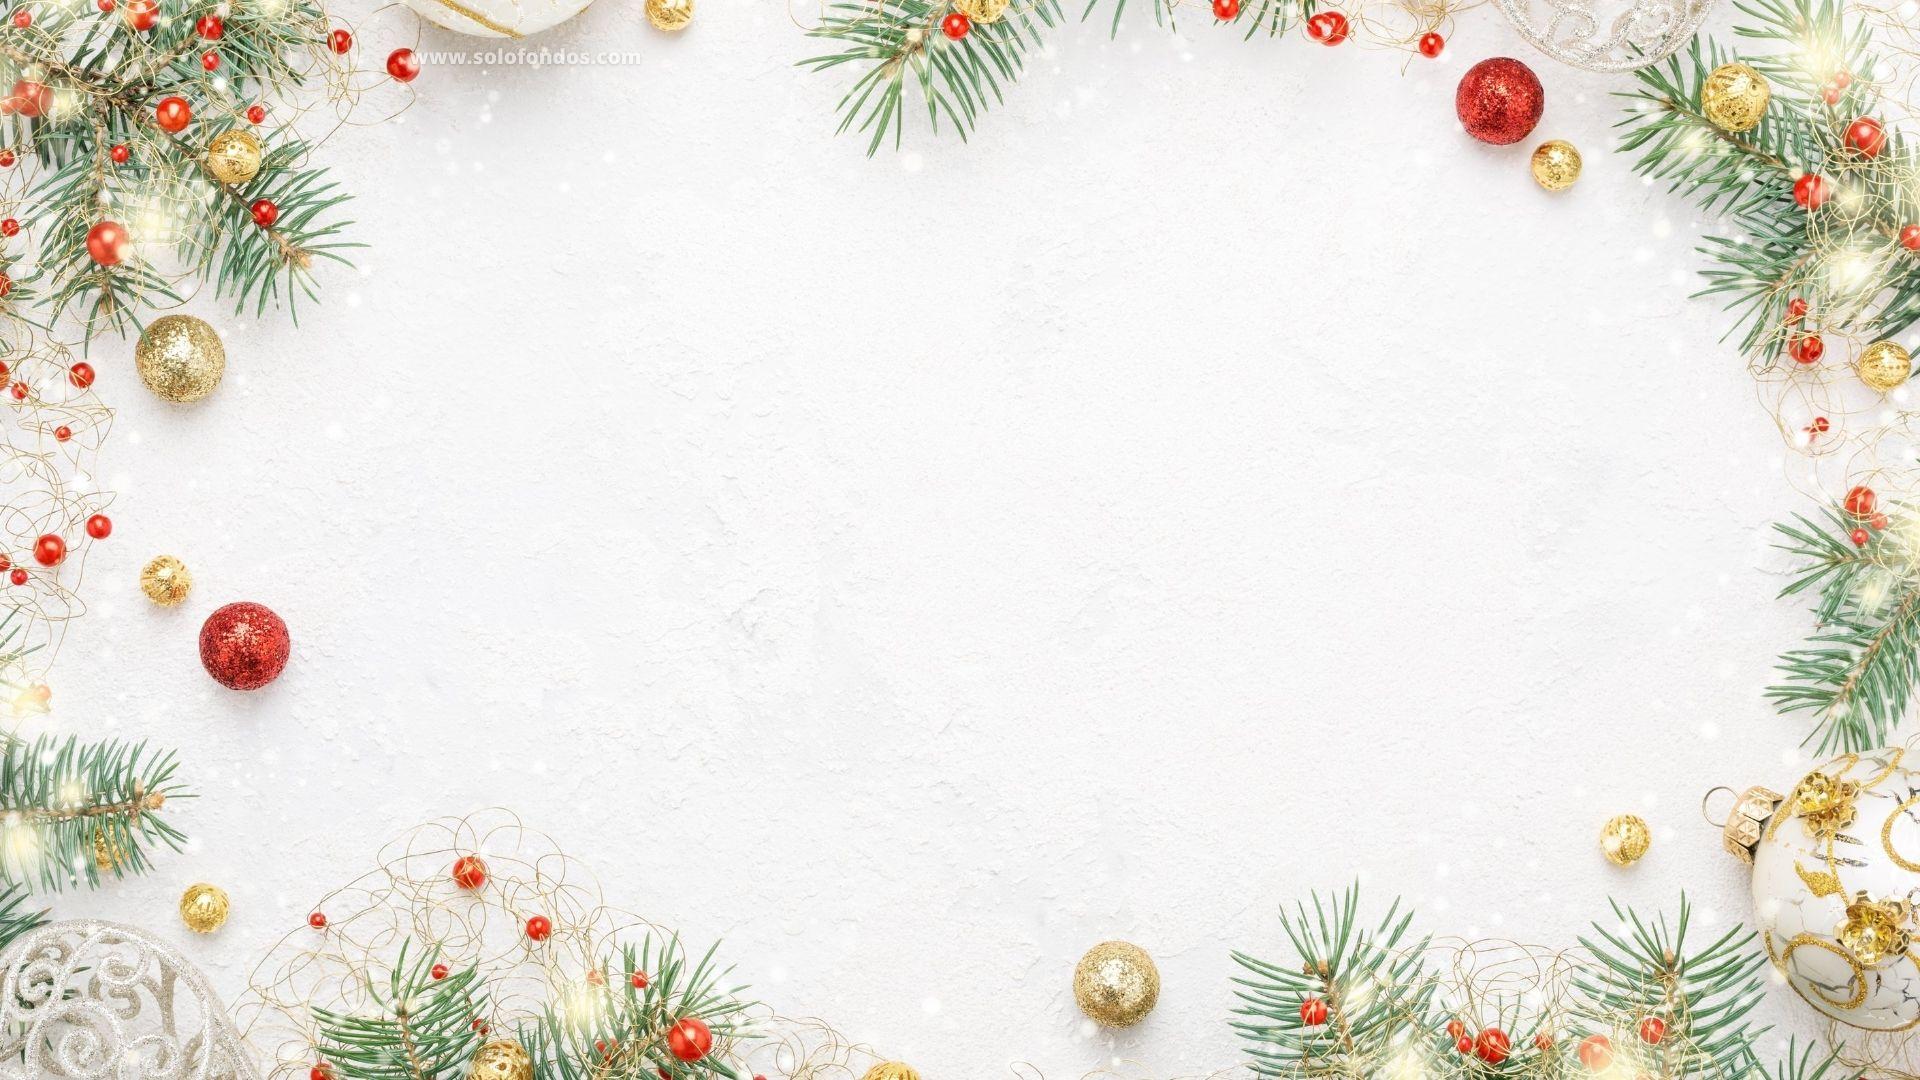 fondos de navidad gif animados